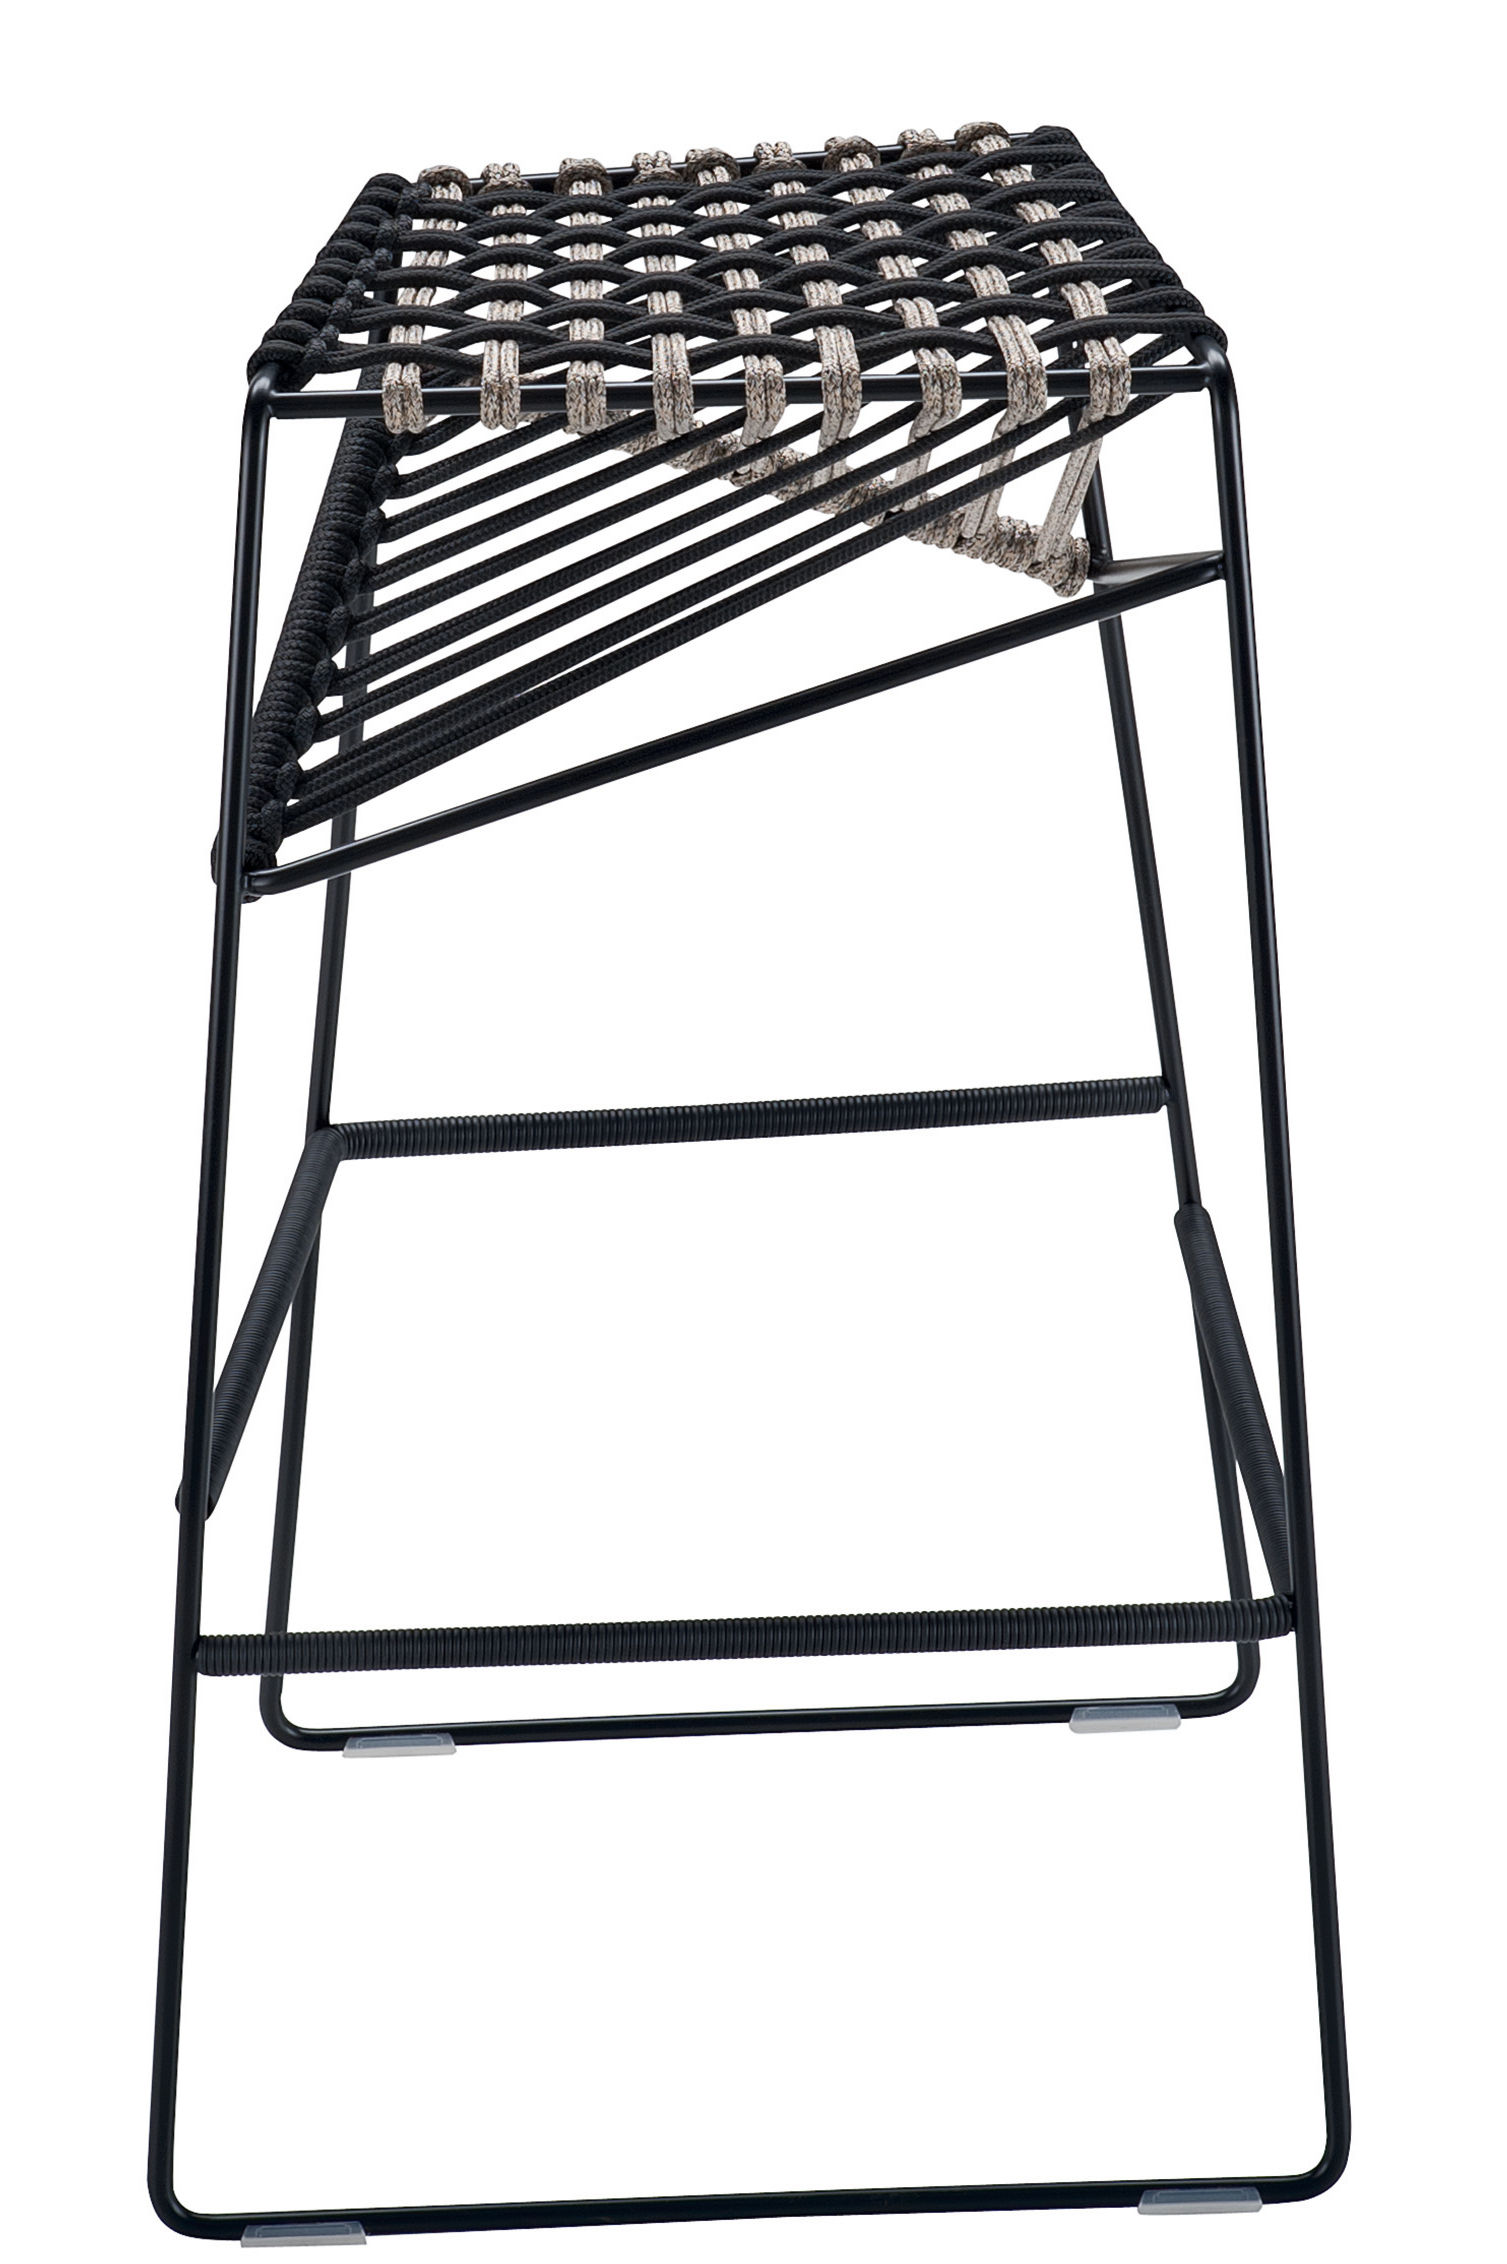 Mobilier - Tabourets de bar - Tabouret de bar Twist / H 77 cm - Cordes tressées - Zanotta - Noir / gris - Acier verni, Polyester